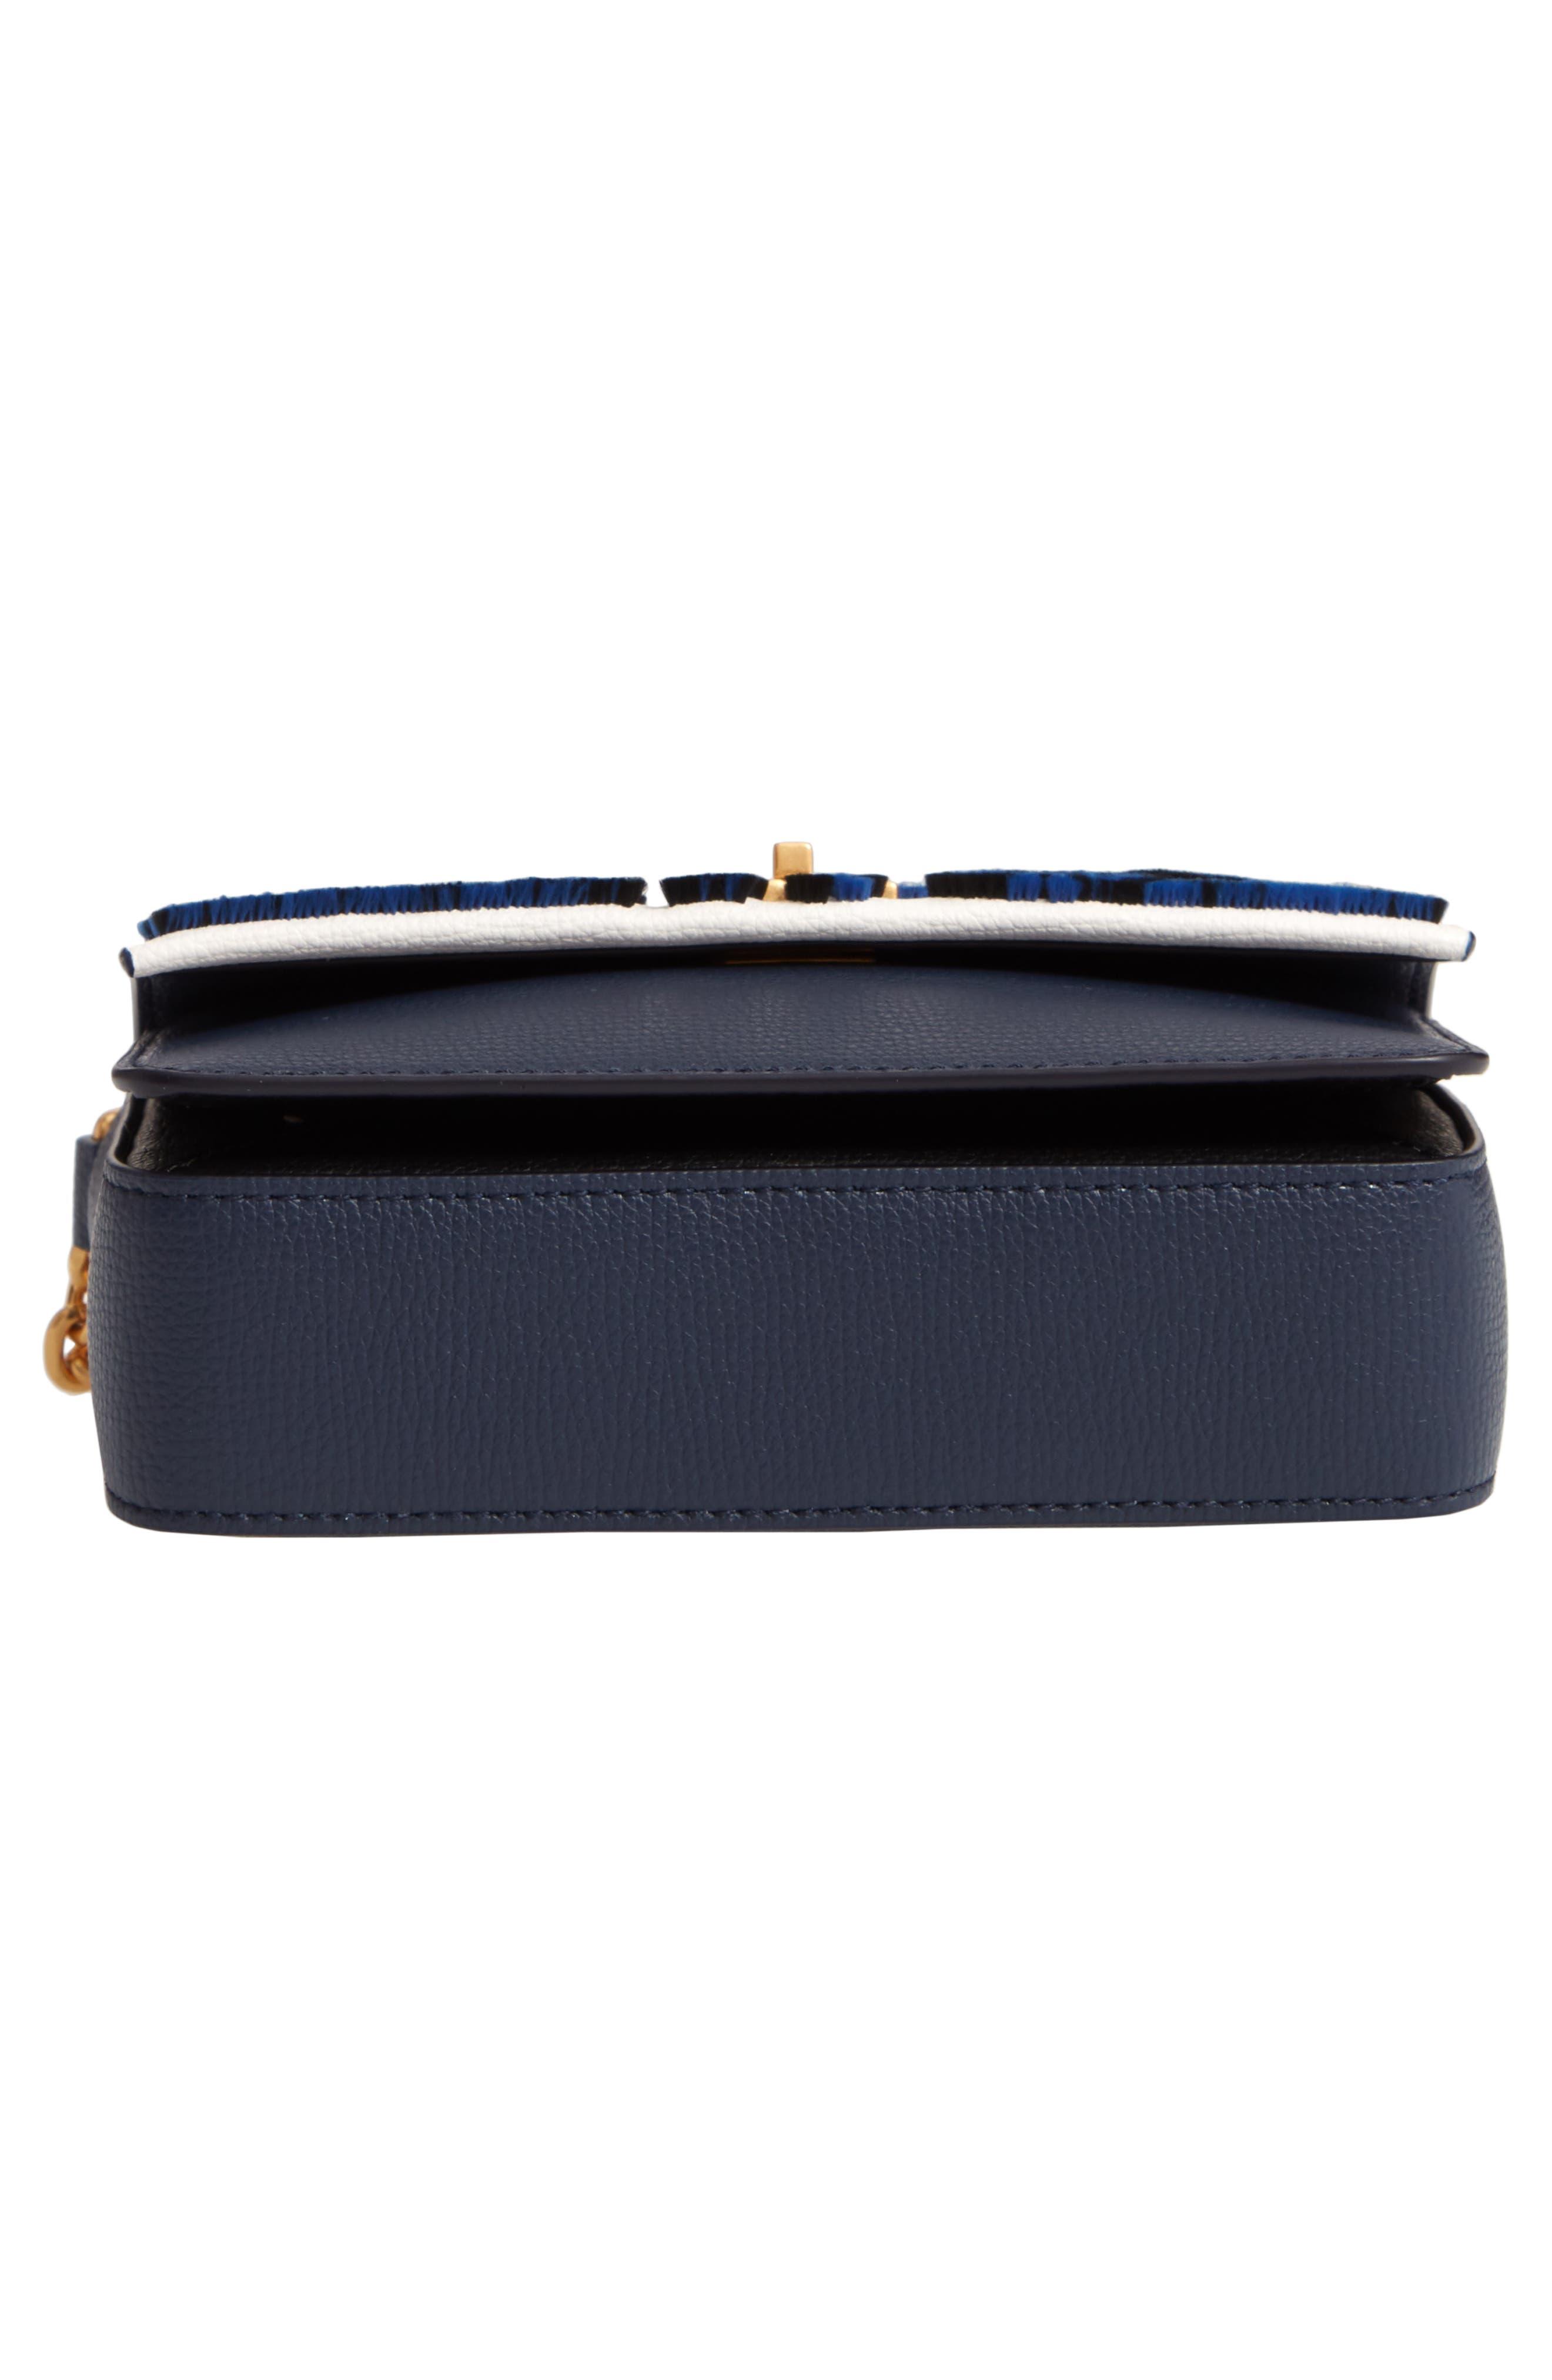 Mini Kira Leather & Fil Coupé Bag,                             Alternate thumbnail 6, color,                             NEUTRAL HAPPY TIMES